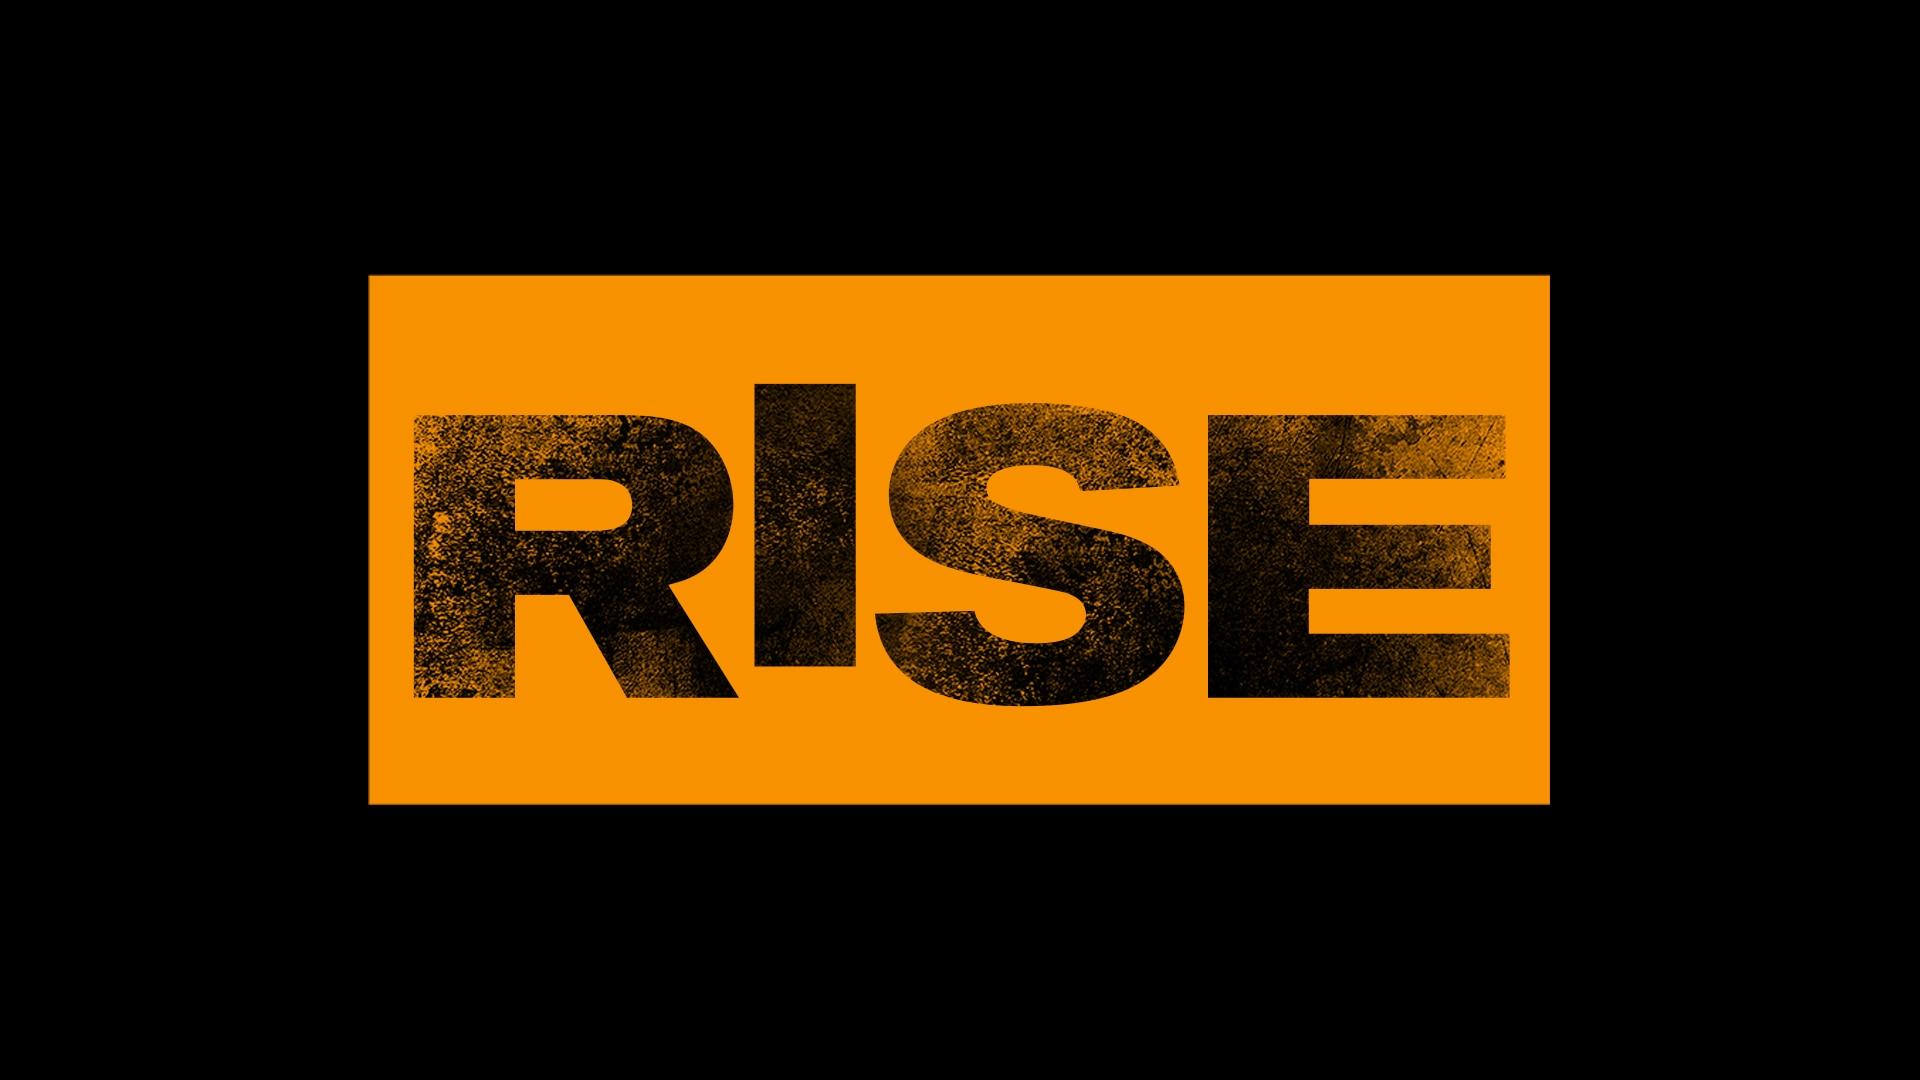 rise - nbc